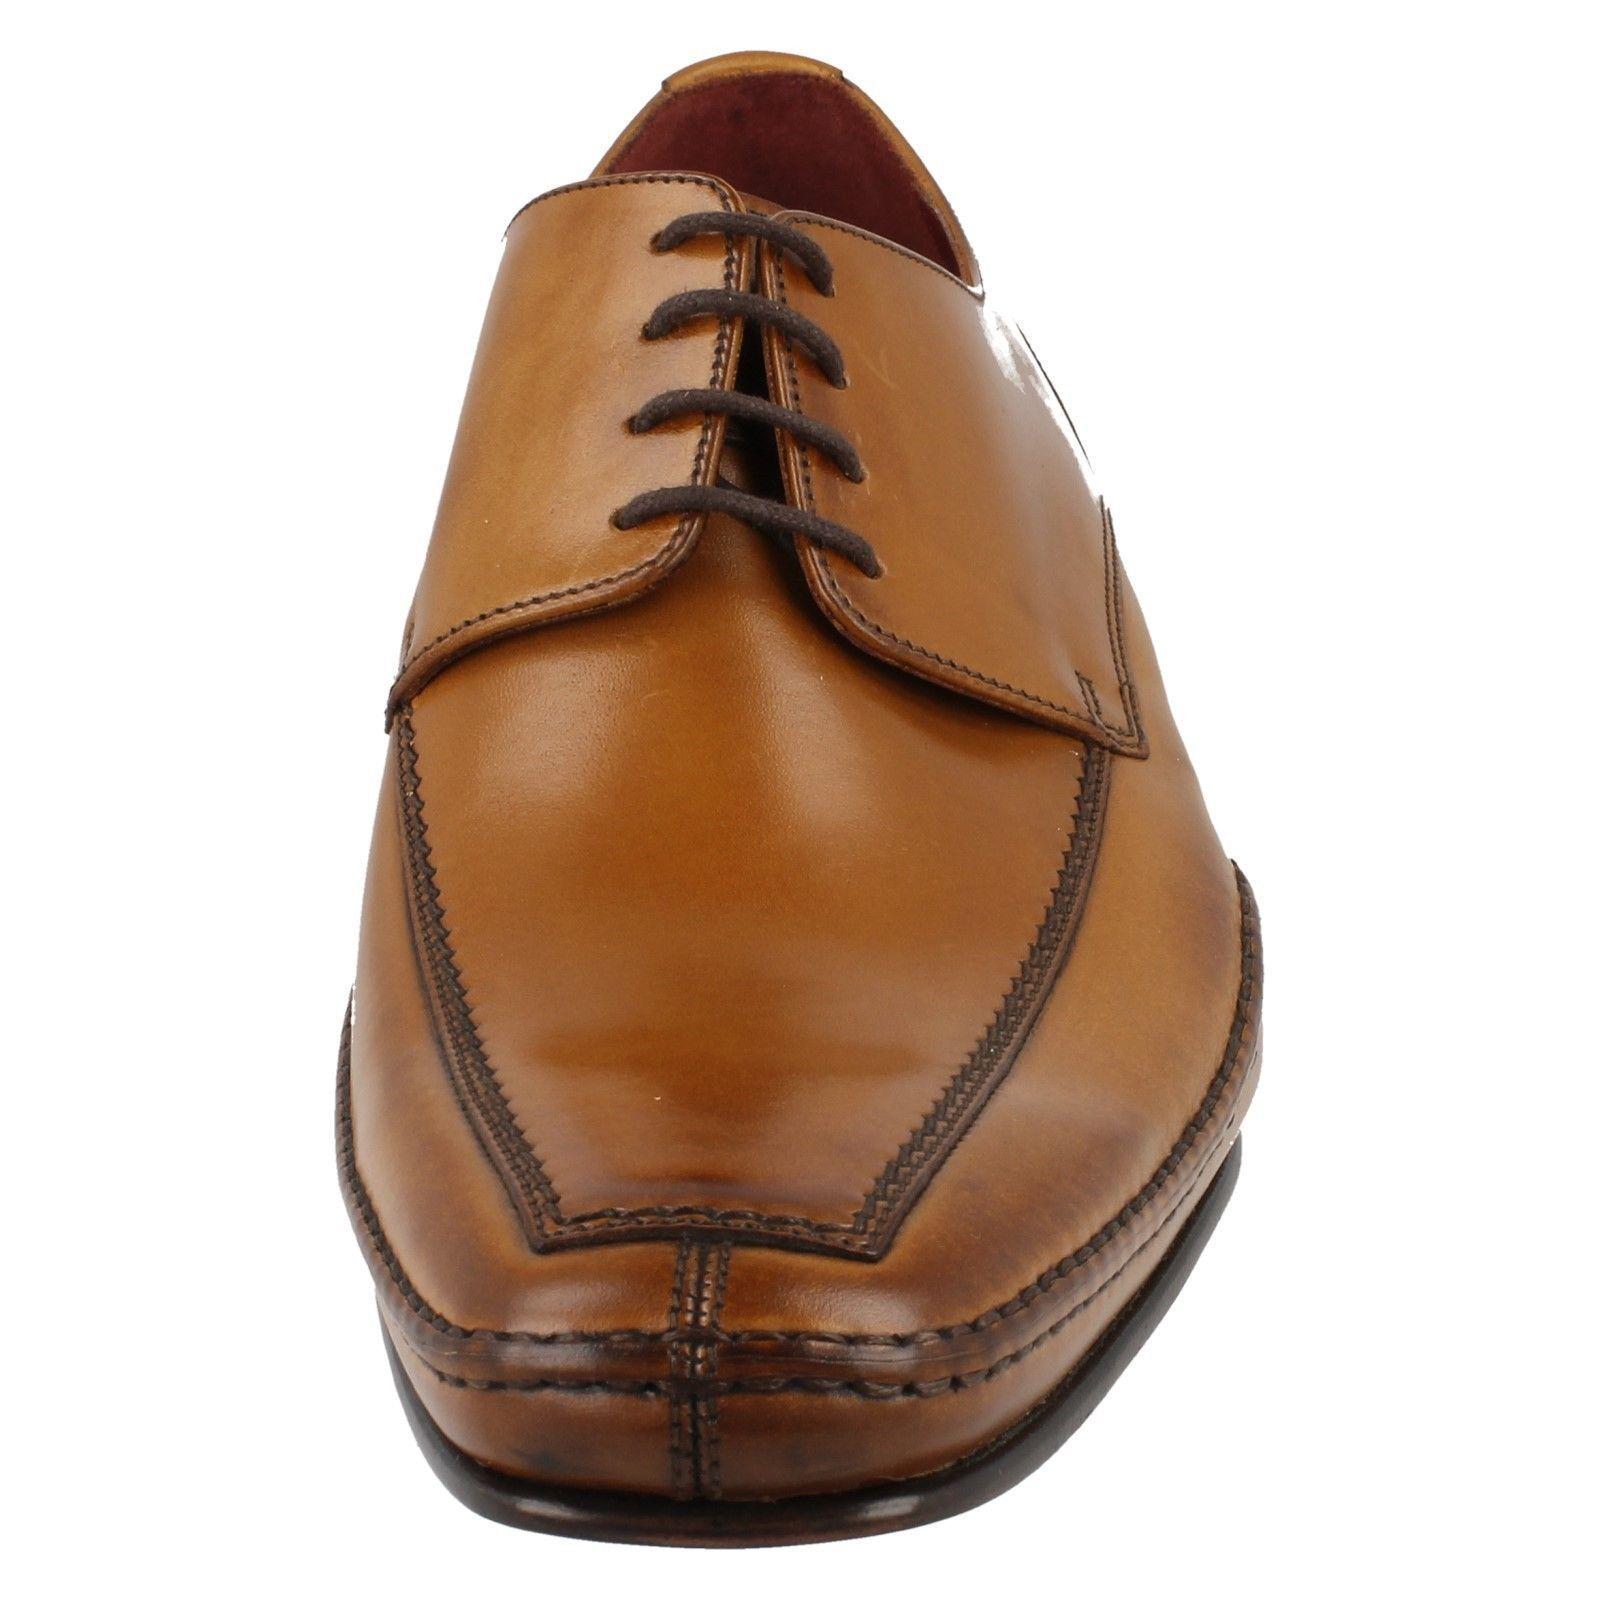 Herren Hurst F Fassung Fassung Fassung hellbraunes Leder Schnürer Schuhe von Loake b98c2e